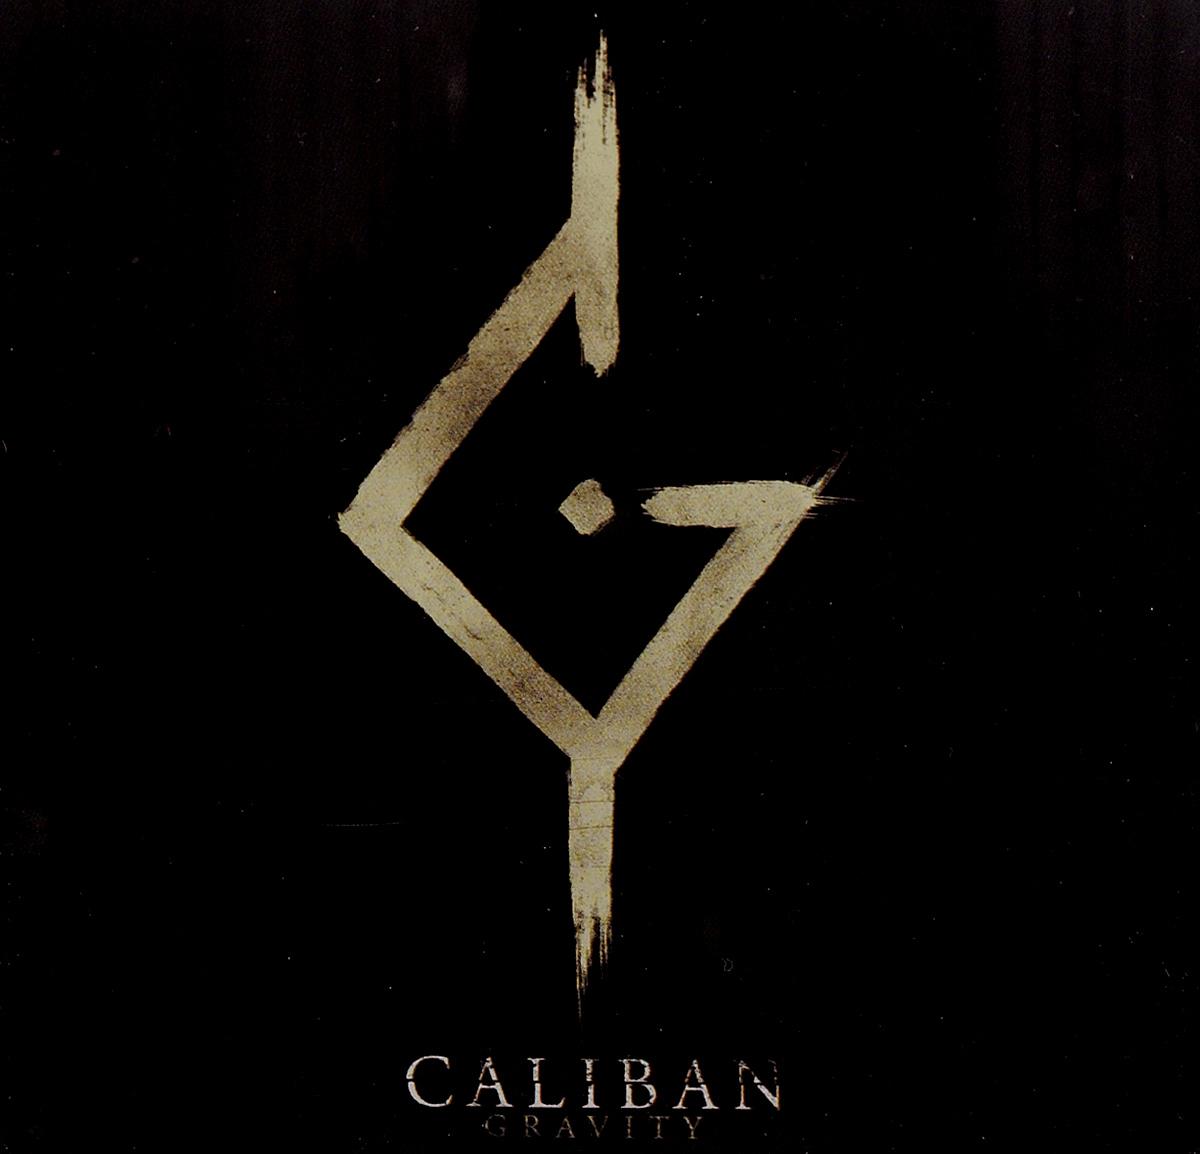 Caliban. Gravity